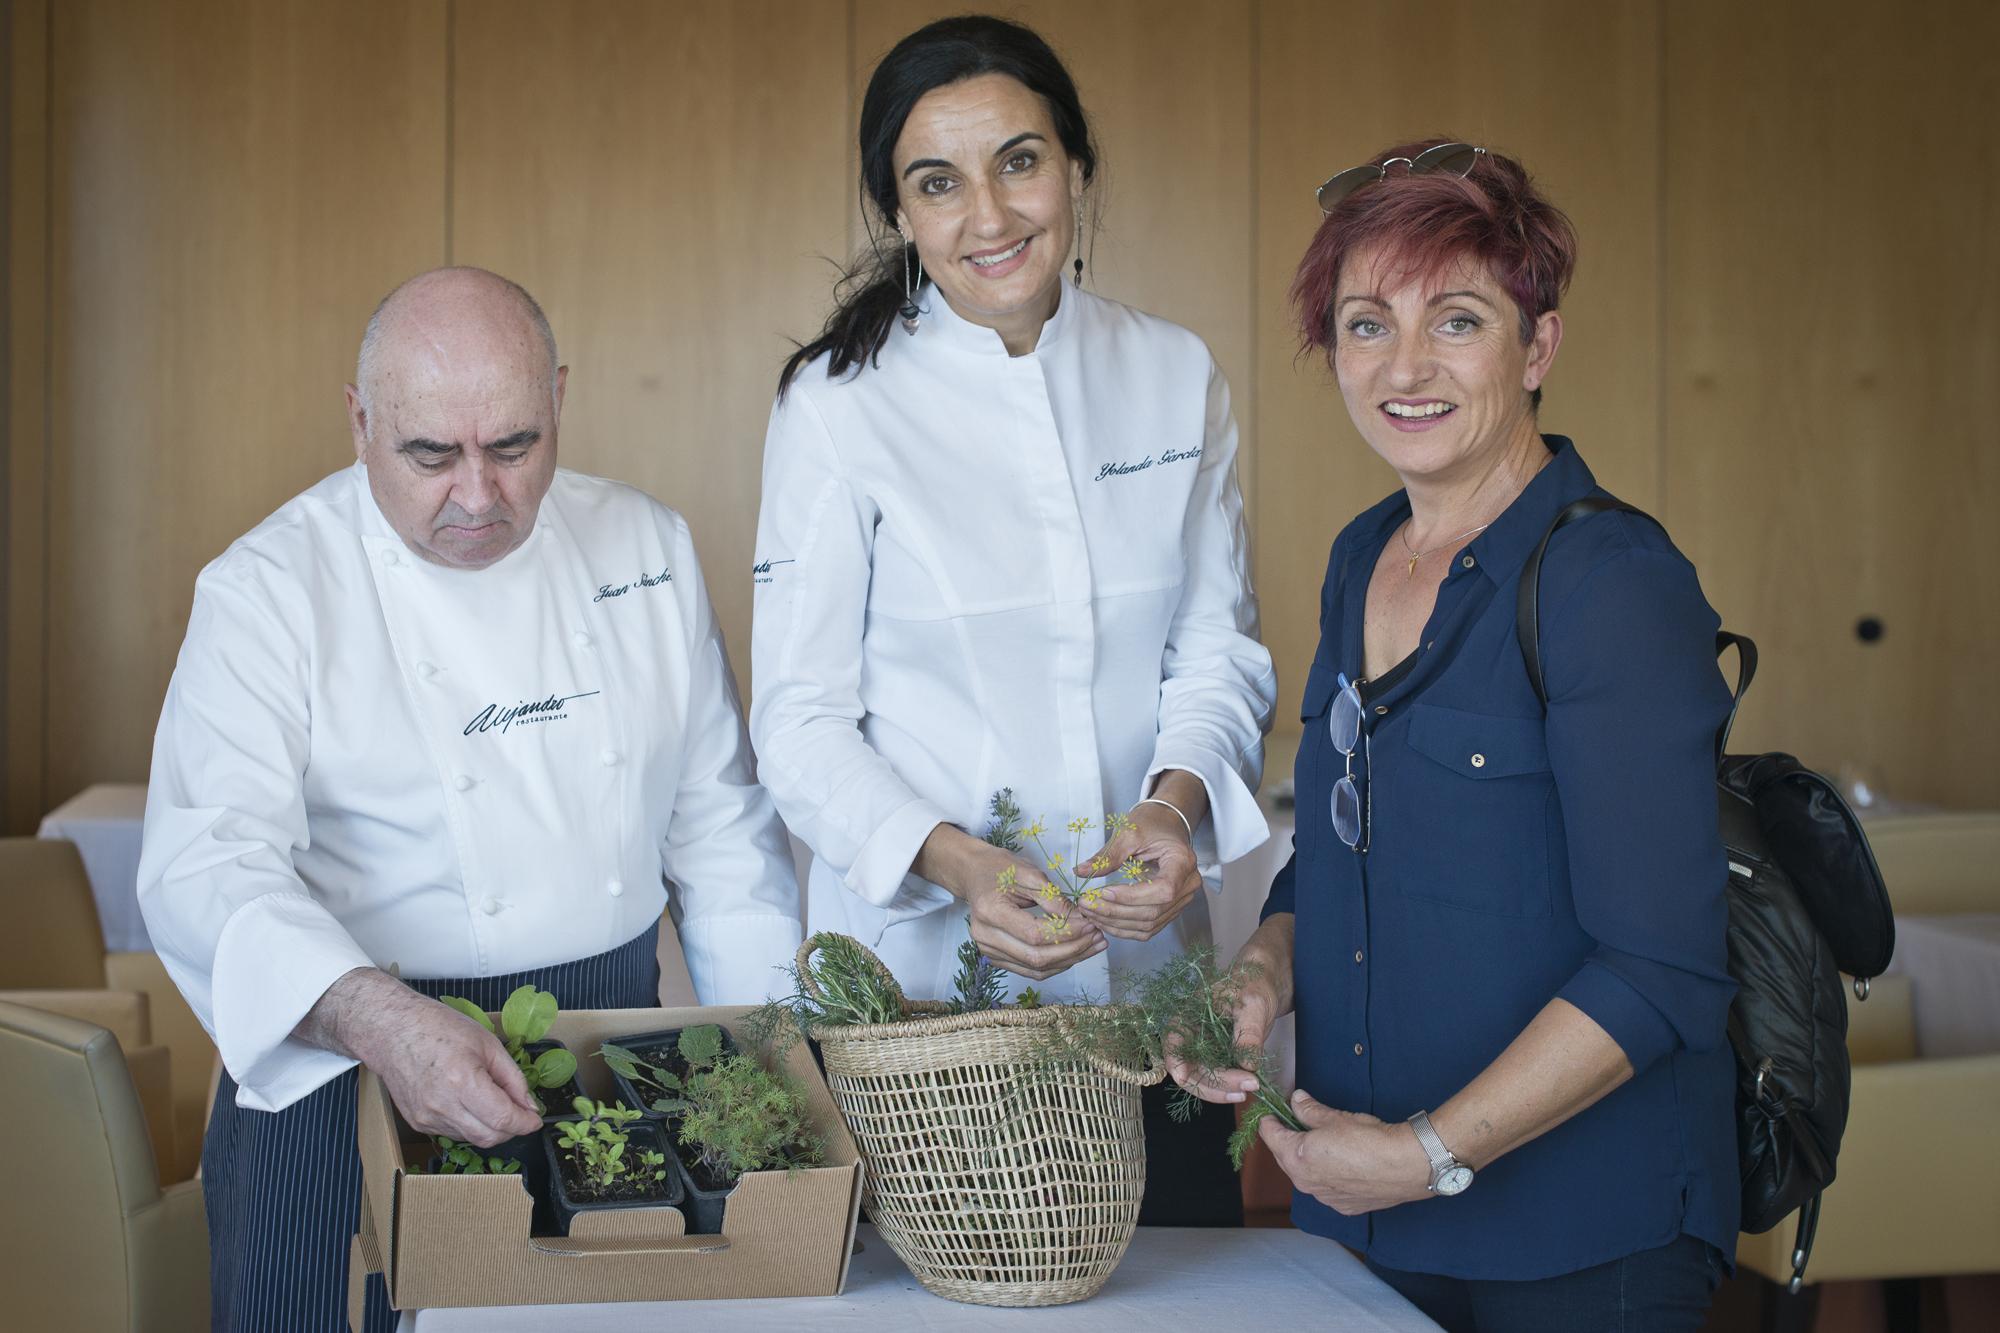 Juan Sánchez junto a Yolanda y Macarena Molina, la agricultora de Níjar.